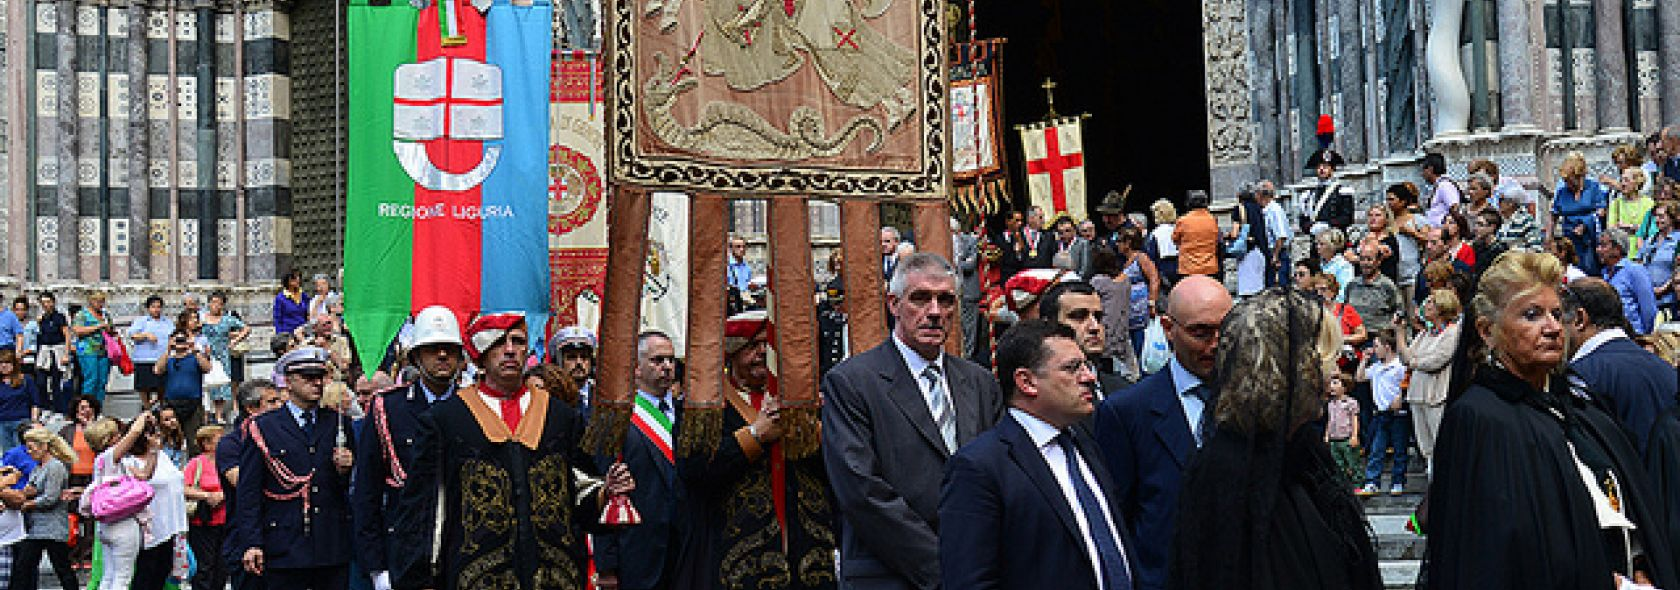 Celebrations in honour of San Giovanni Battista